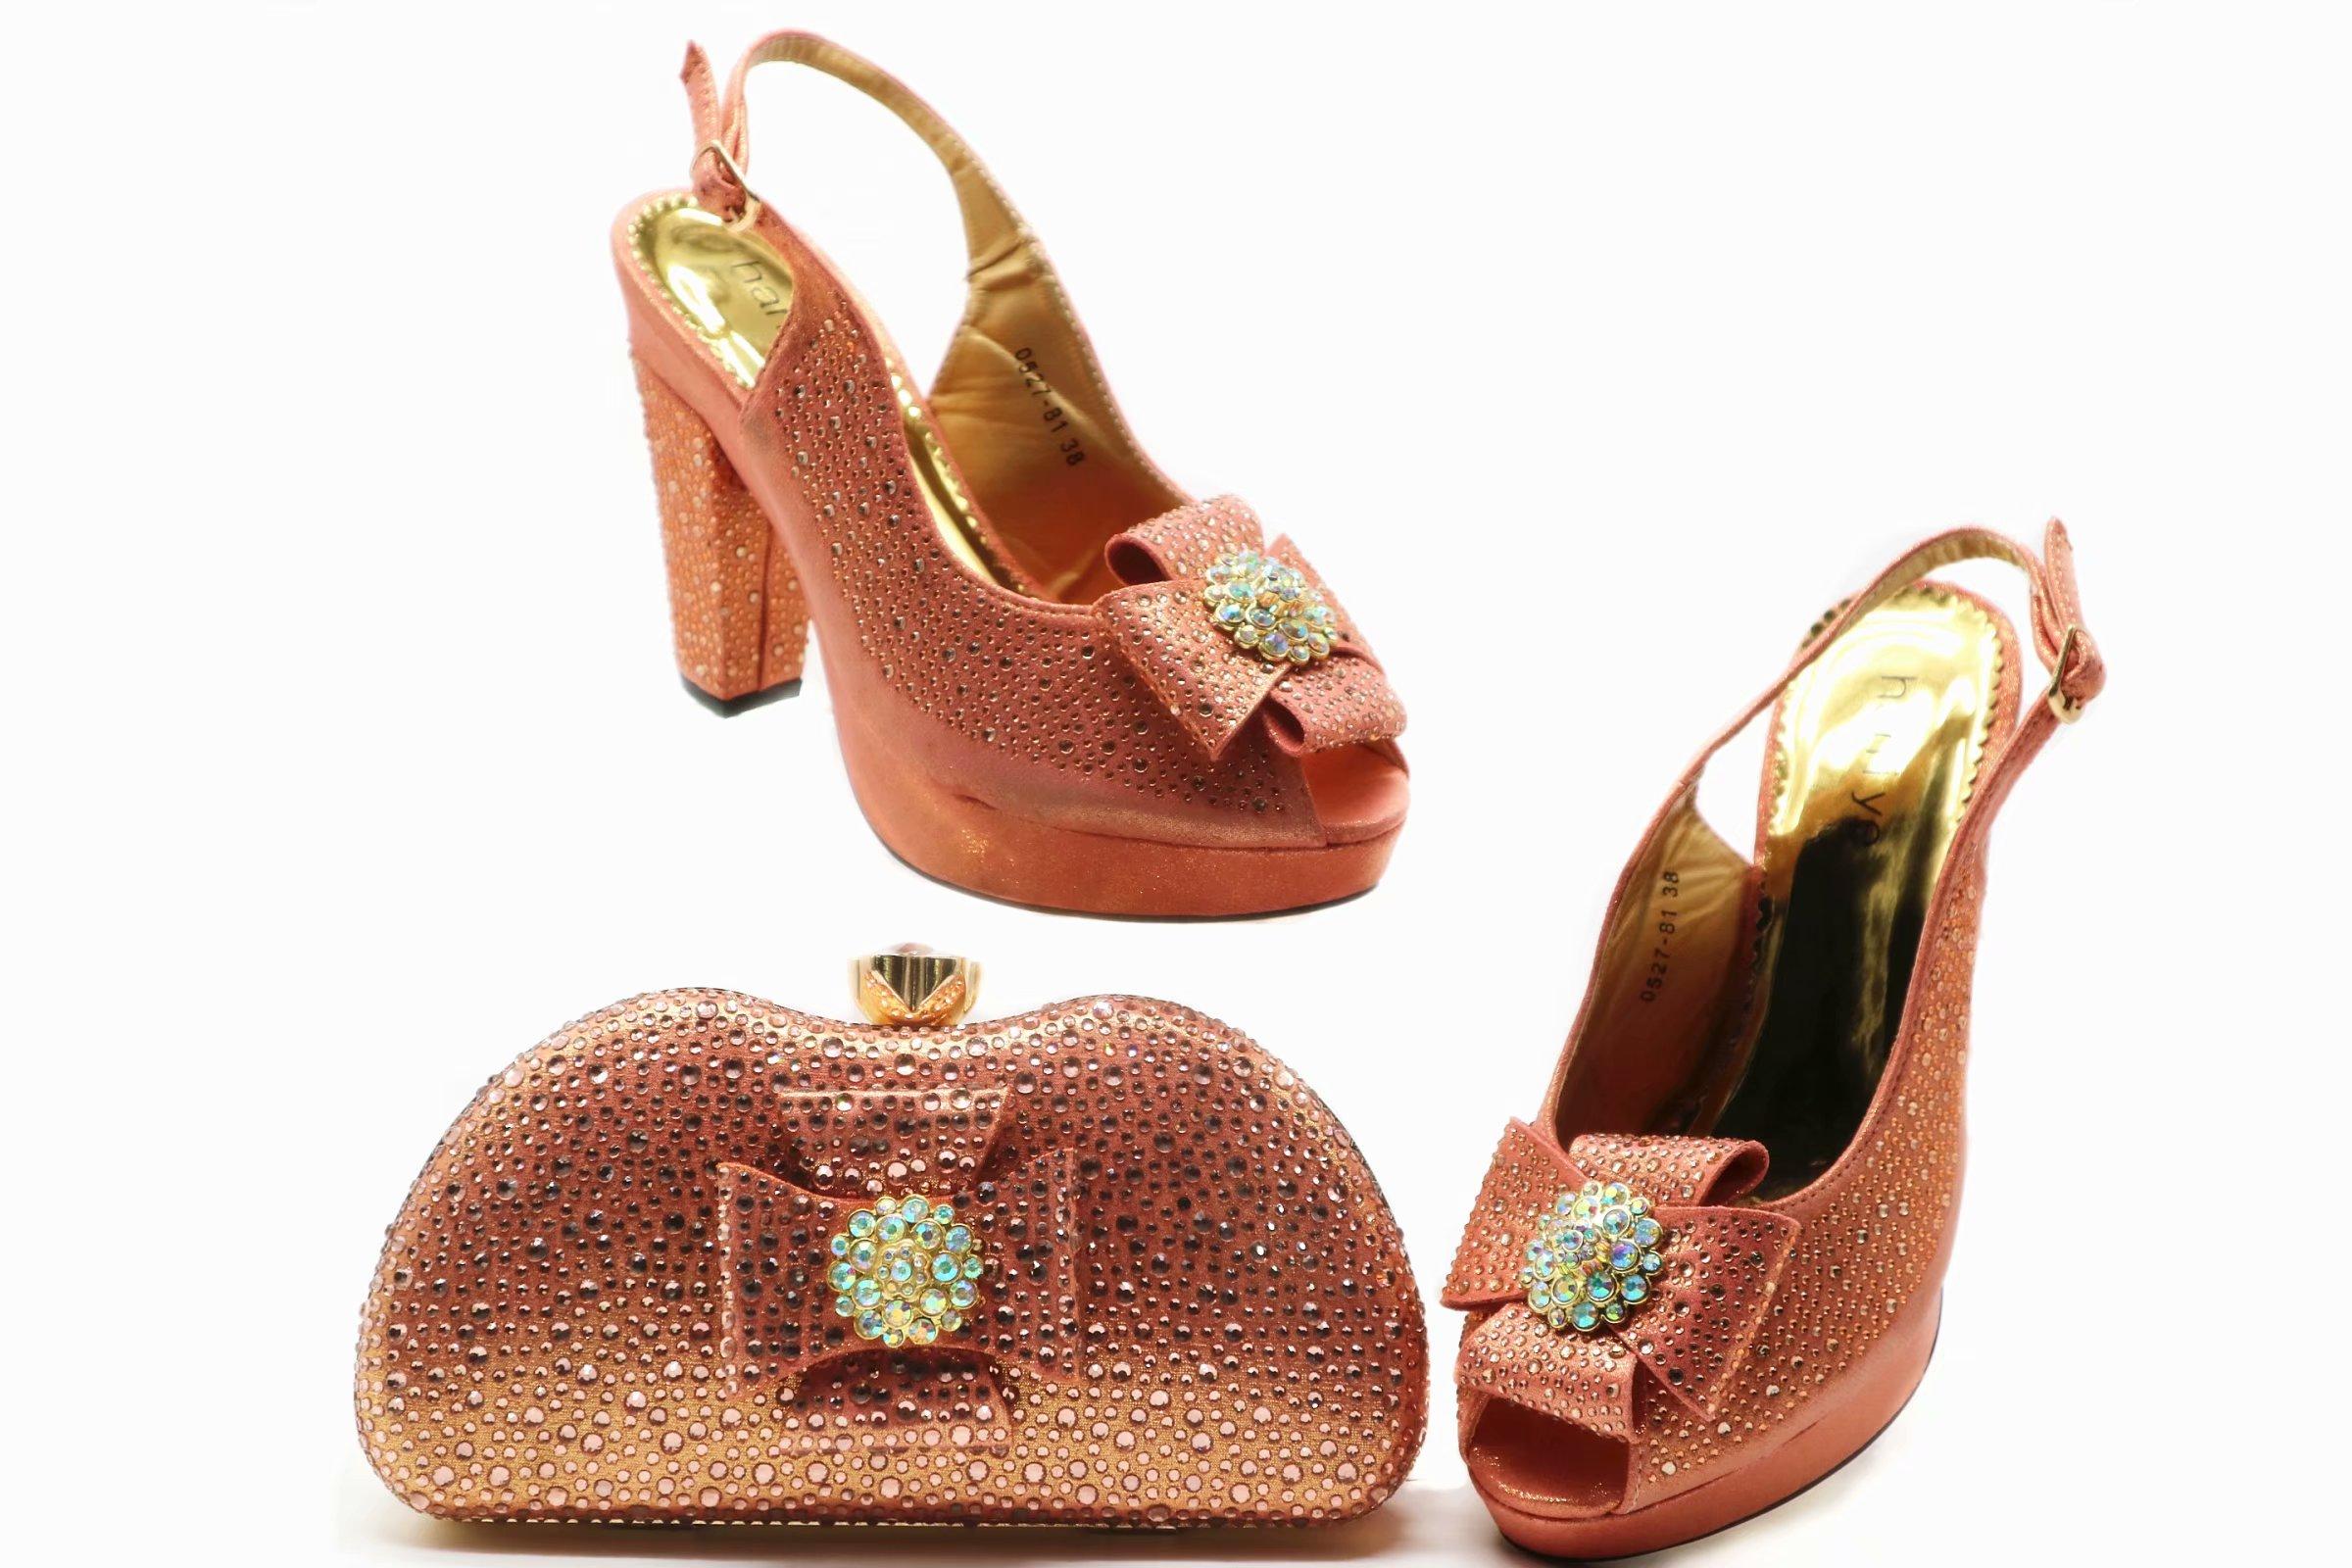 Offres spéciales italiennes chaussures de couleur pêche et sac avec la taille 38 à 43 pour la fête de mariage africaine aso ebi pierres pleines chaussures sac SB8388-5